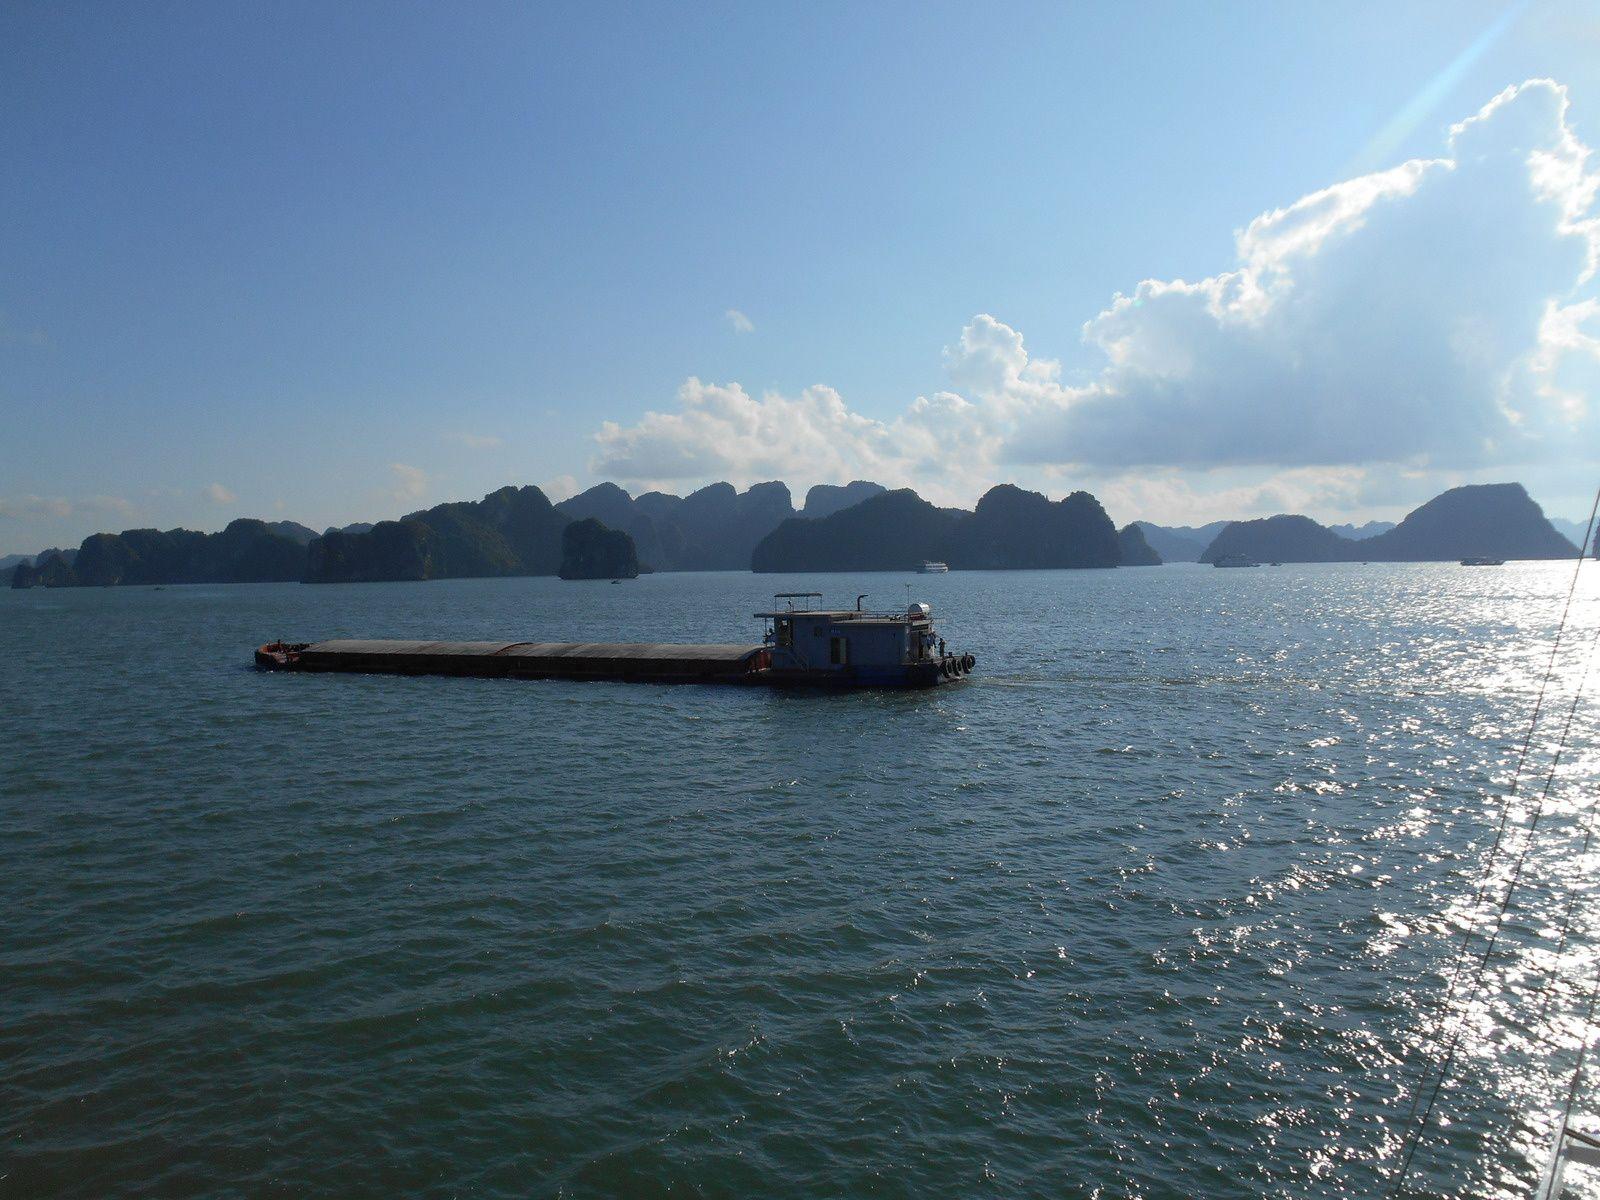 ainsi que des barges charbonnières.